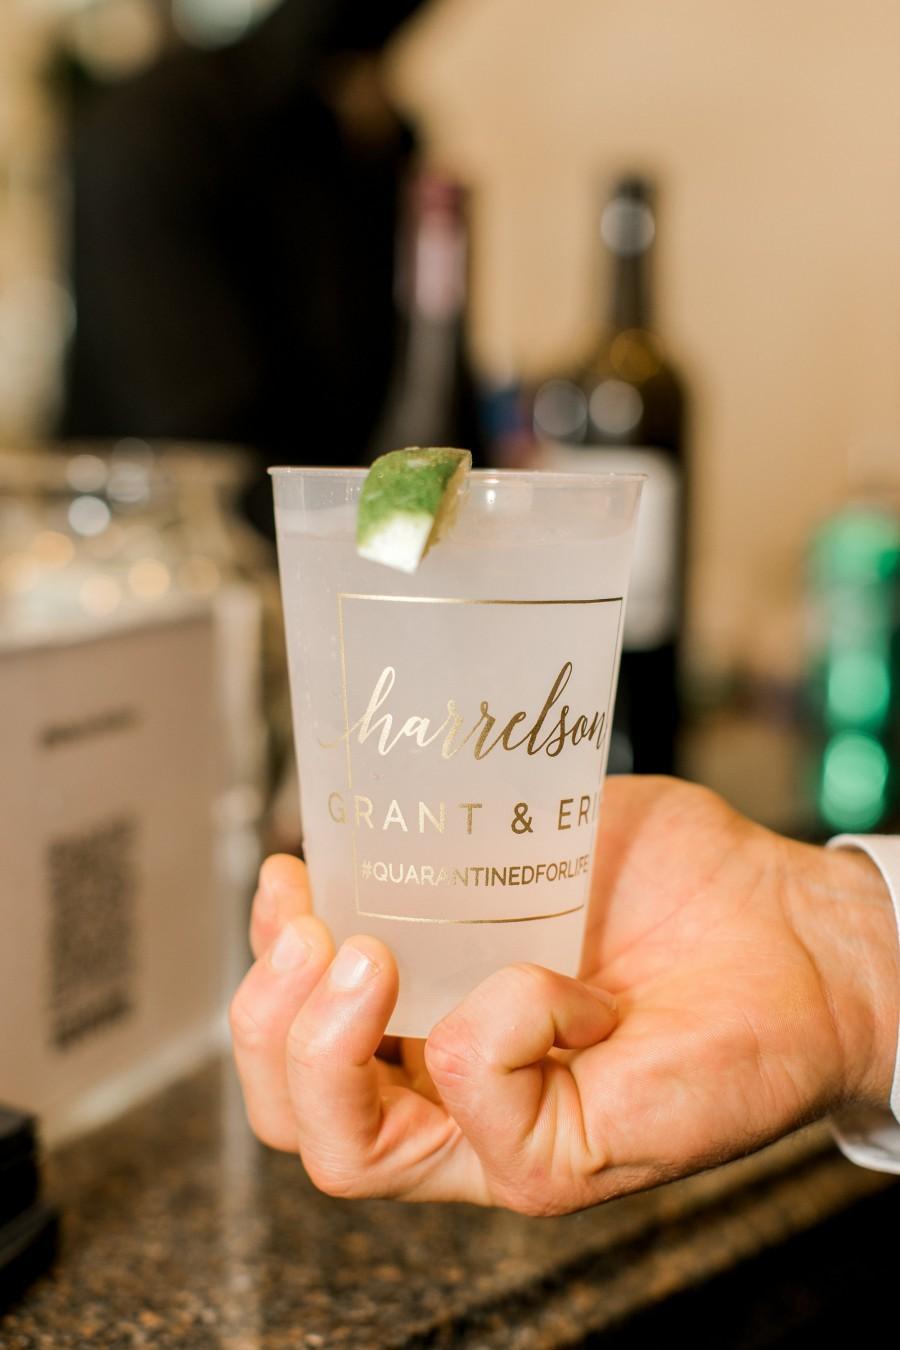 زفاف - Customized Wedding Reception Bar Frosted Cups, Personalized Shatterproof Cups, Modern Wedding Decor, Signature Cocktails, Engagement Party